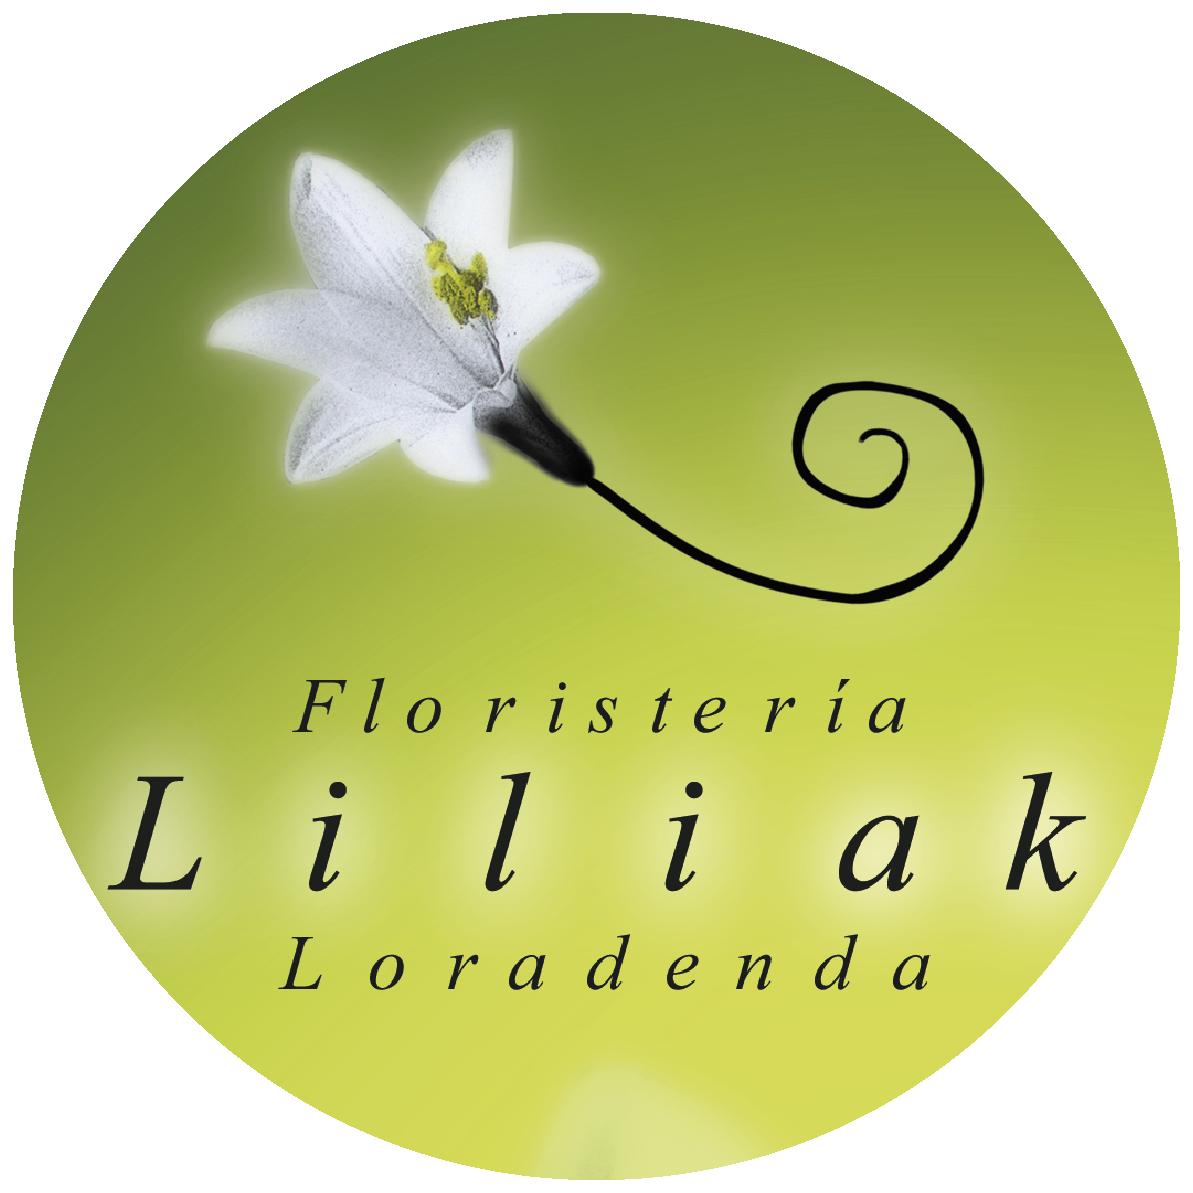 Liliak Loradenda